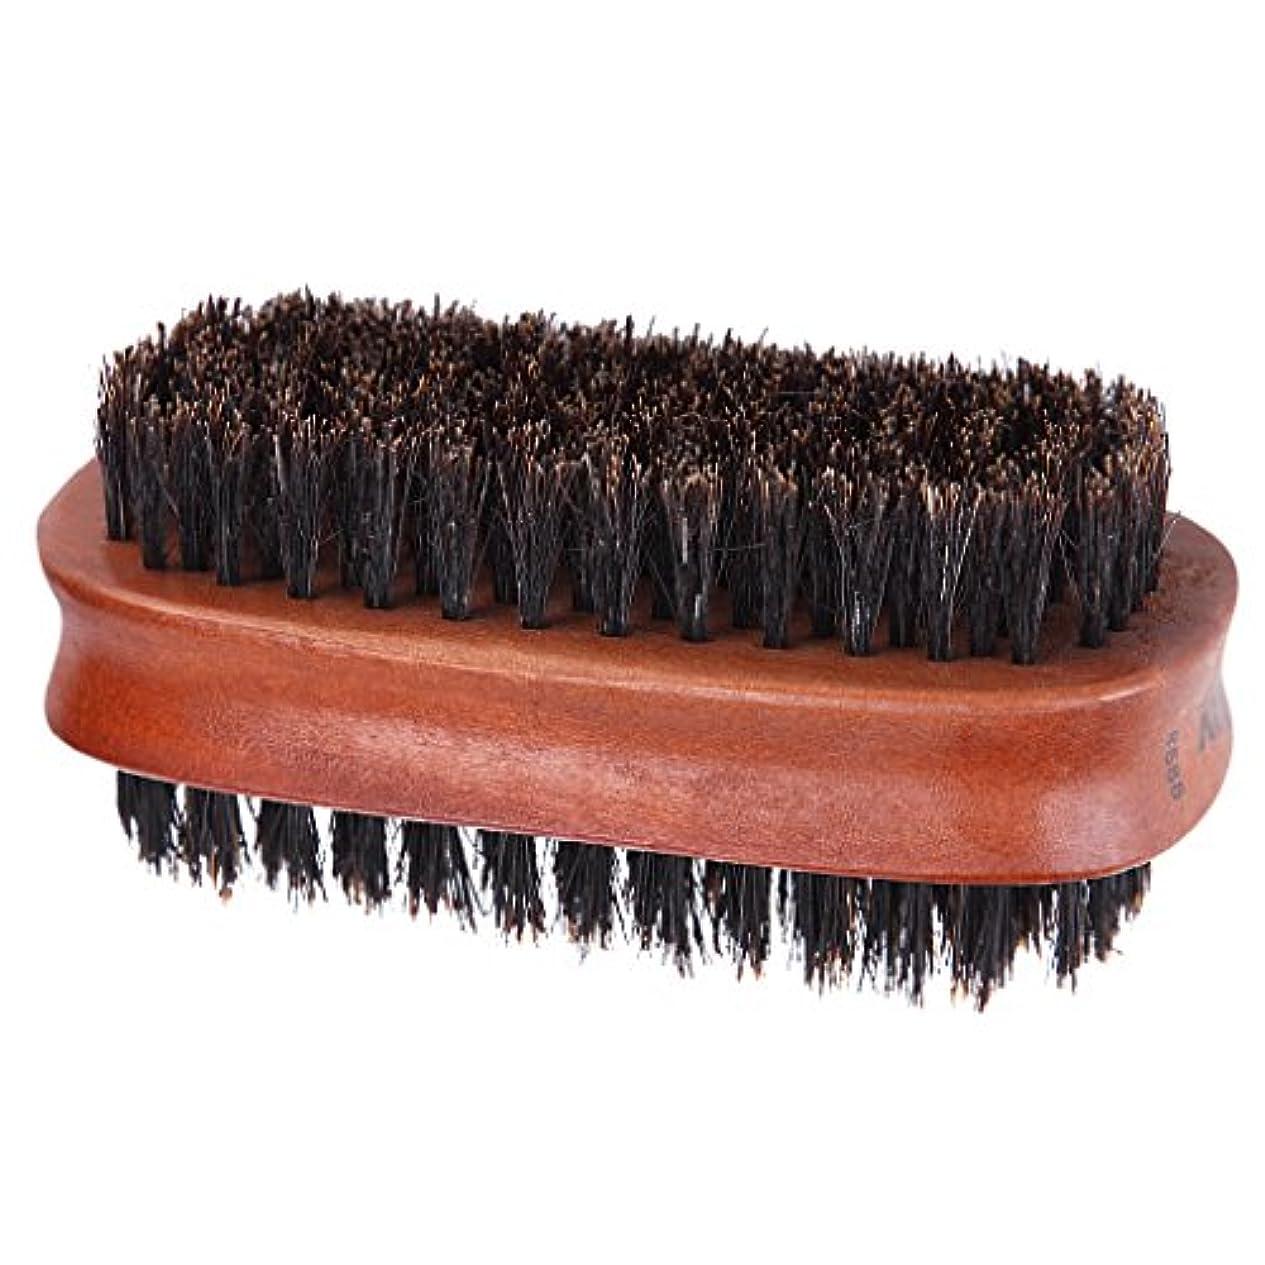 腐食する面白い束ねるヘアブラシ 両面ブラシ ブリストルブラシ ダスターブラシ ヘアサロン バーバー